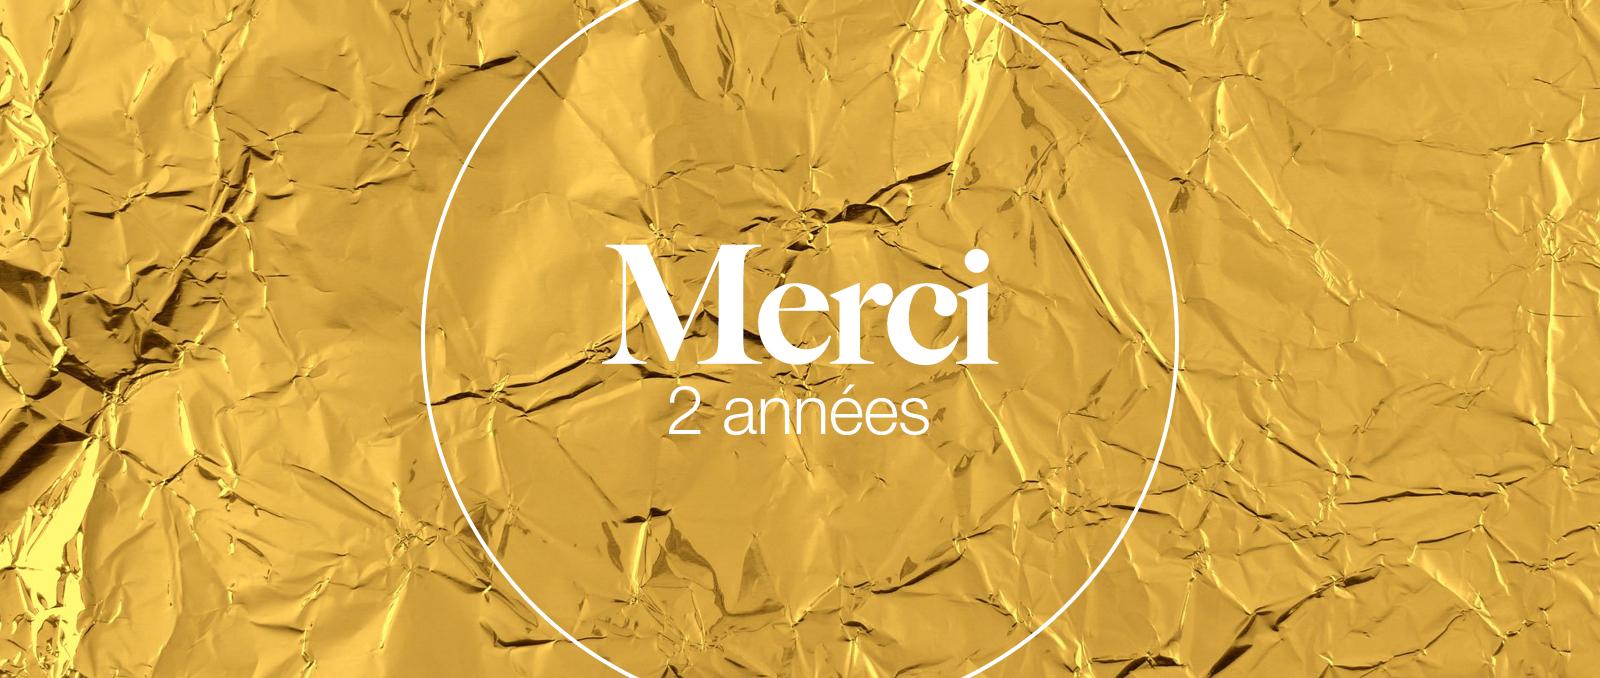 NOIR&BLANC_SLIDE_MERCI_2_ANNEES